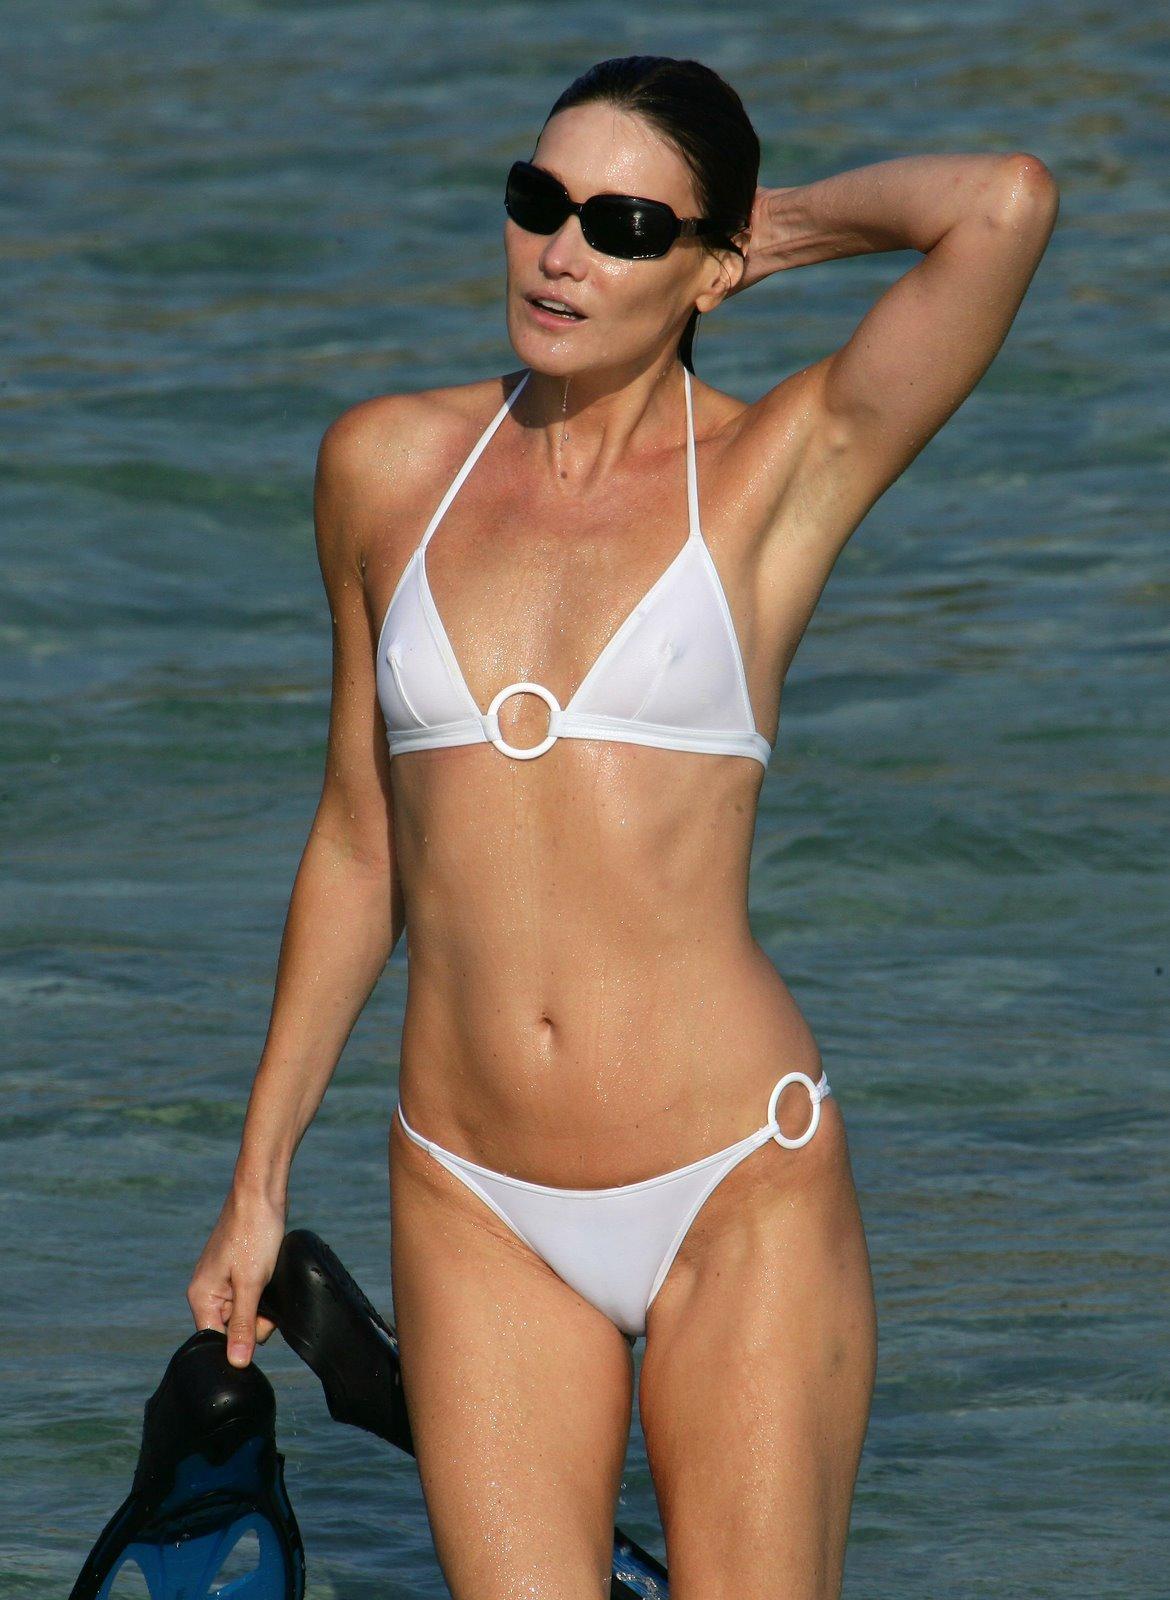 Eva amurri bikini